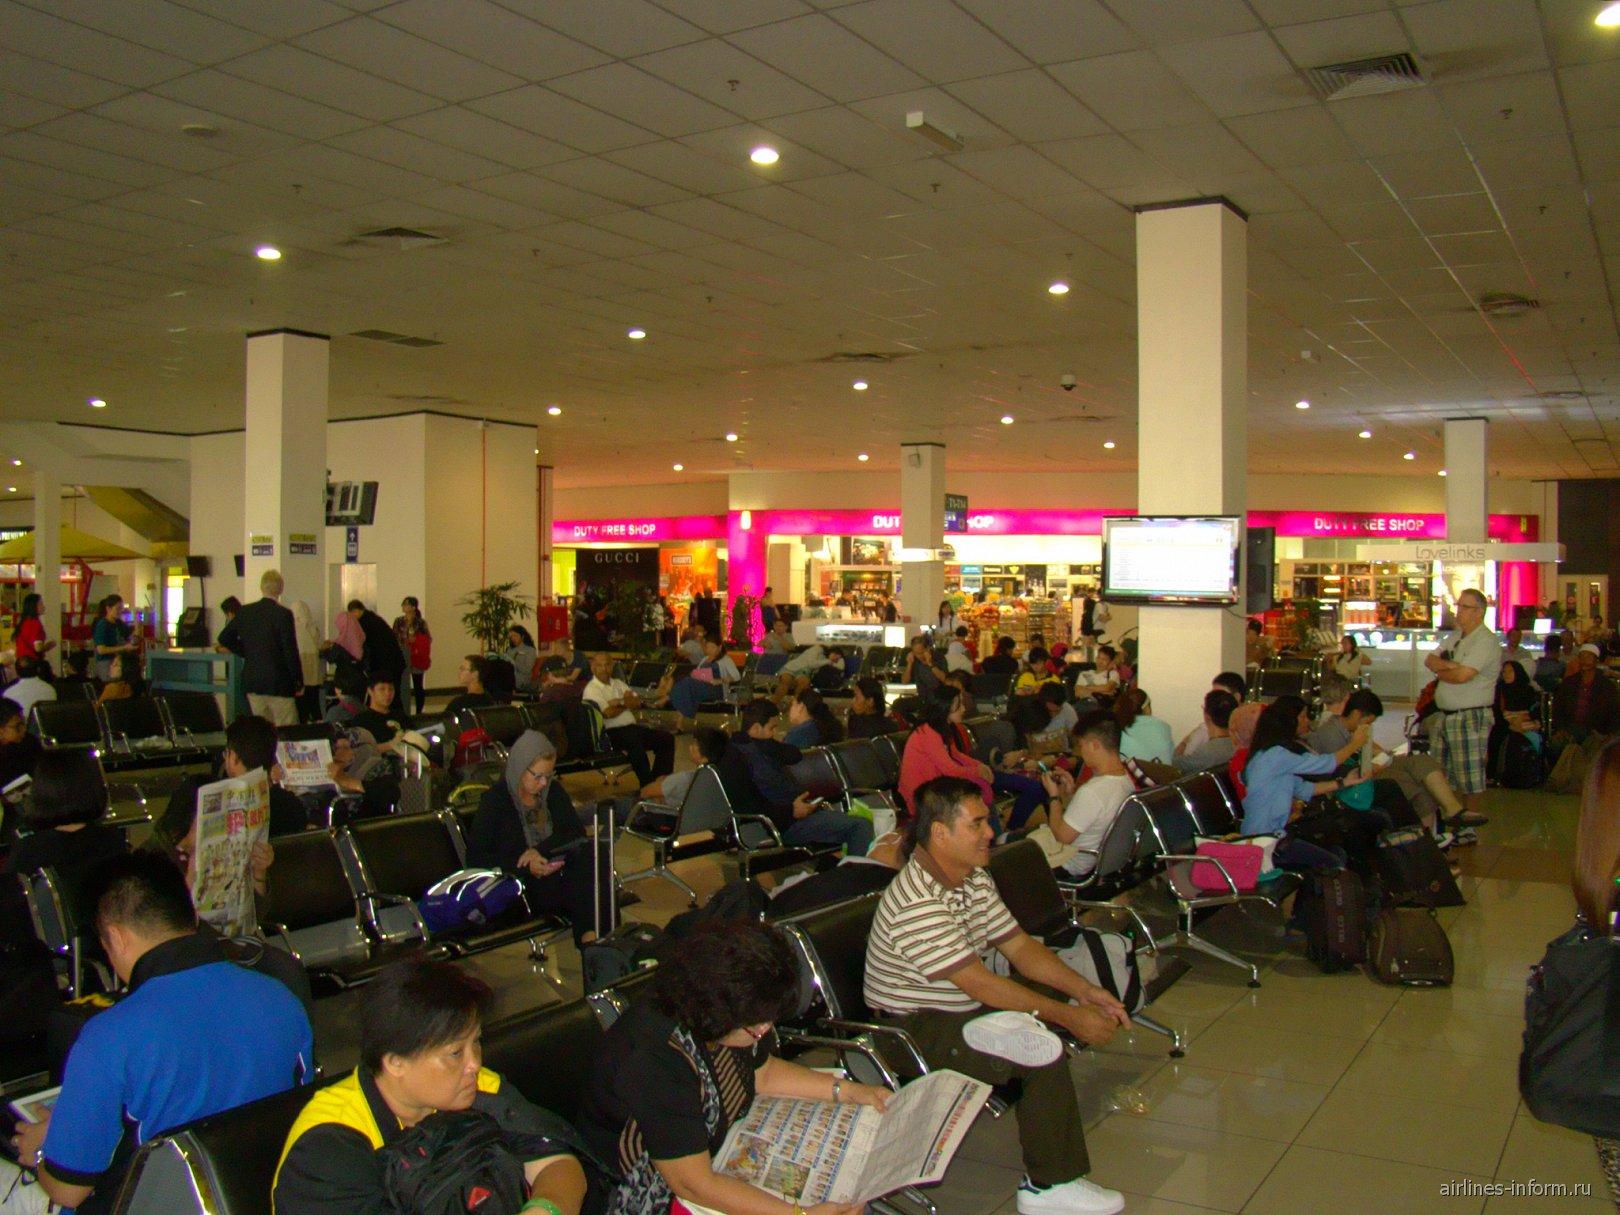 Зал ожидания в чистой зоне лоу-кост терминала аэропорта Куала-Лумпур